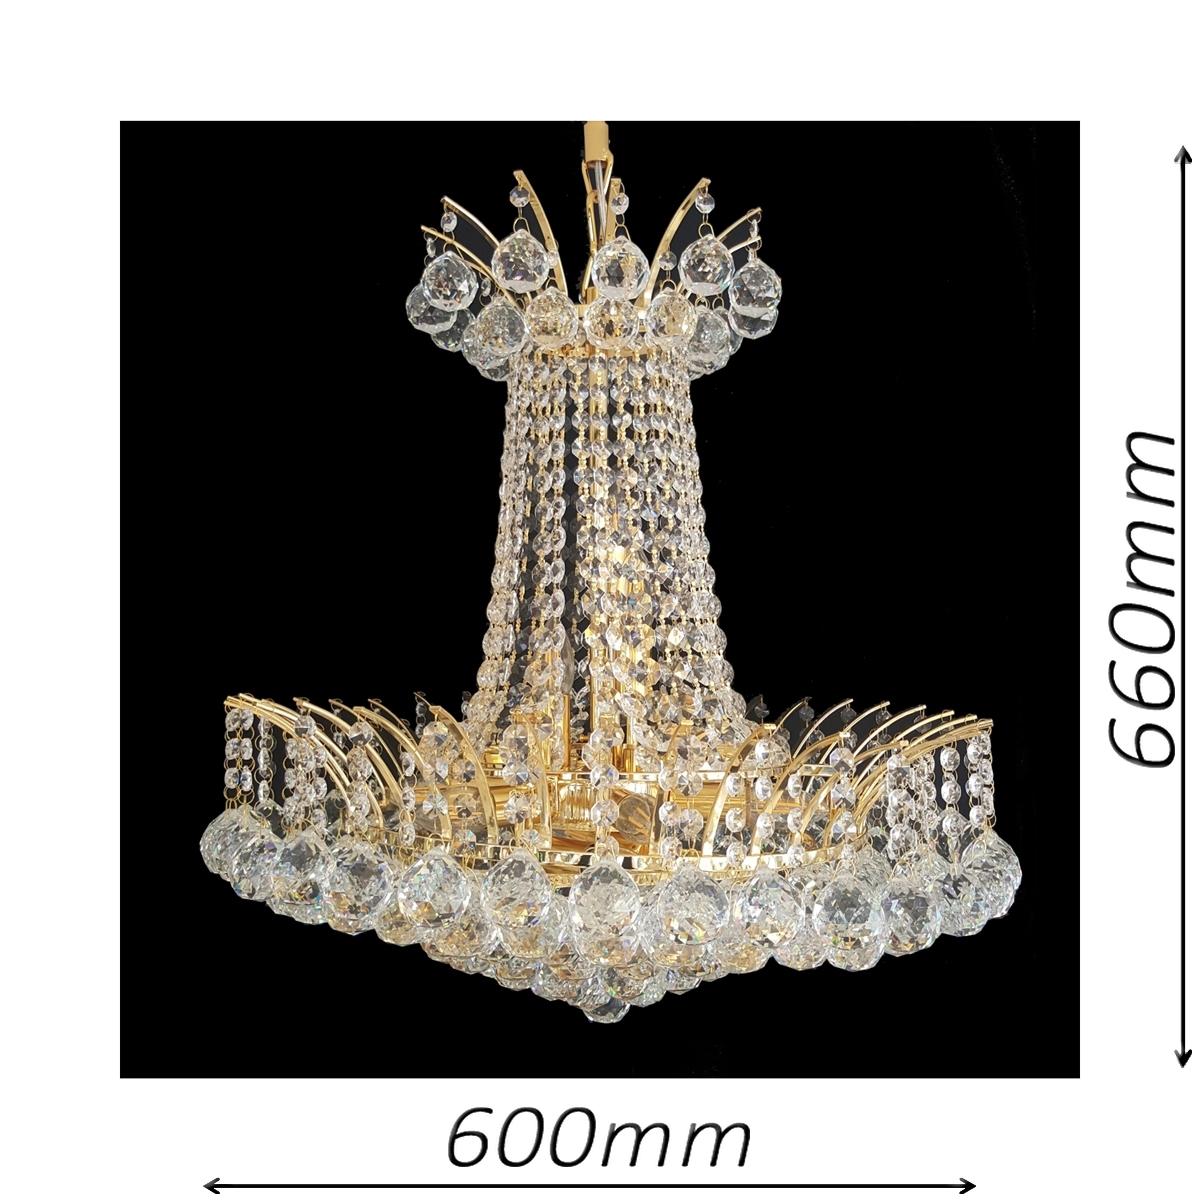 Devon 600 Gold Chandelier - CRPDEV11600GD